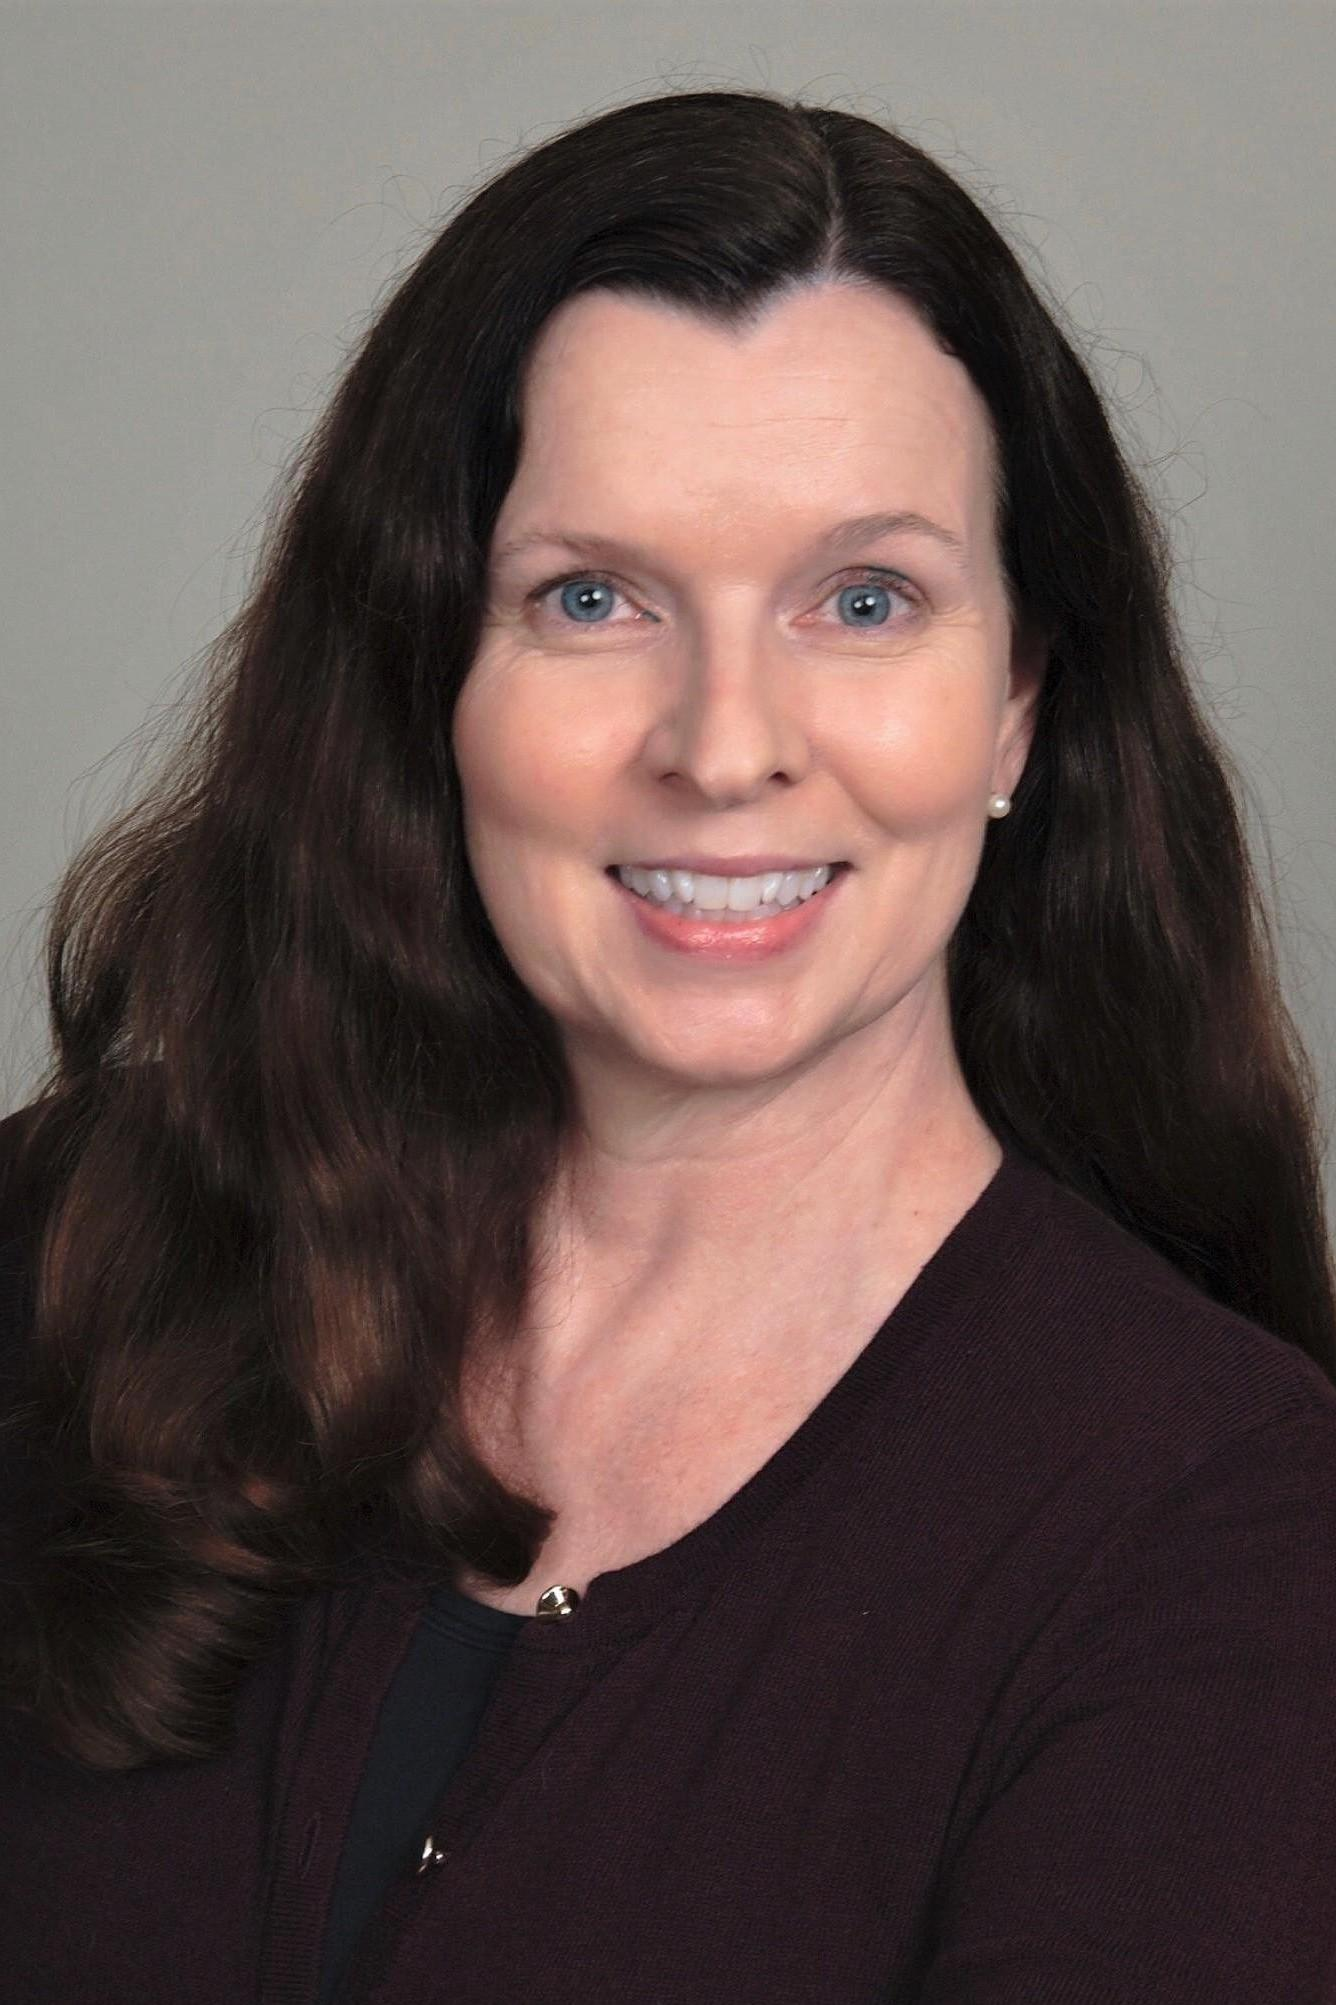 Billie Long Portrait Photo